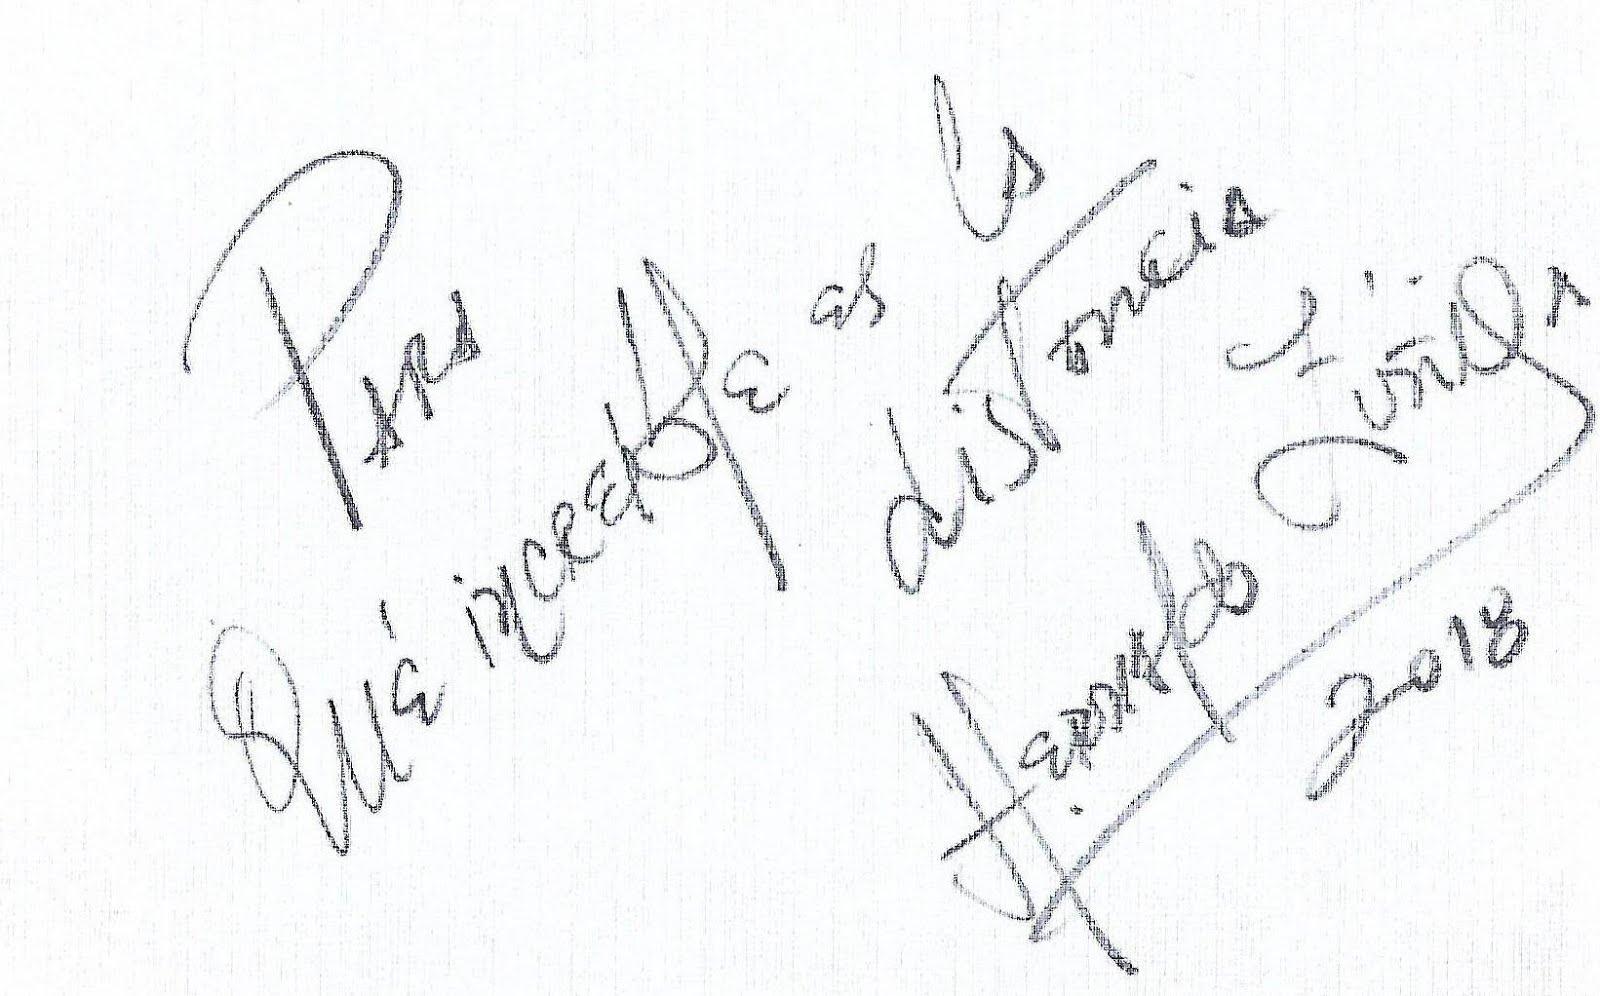 Autógrafo en Chile 03-09-18